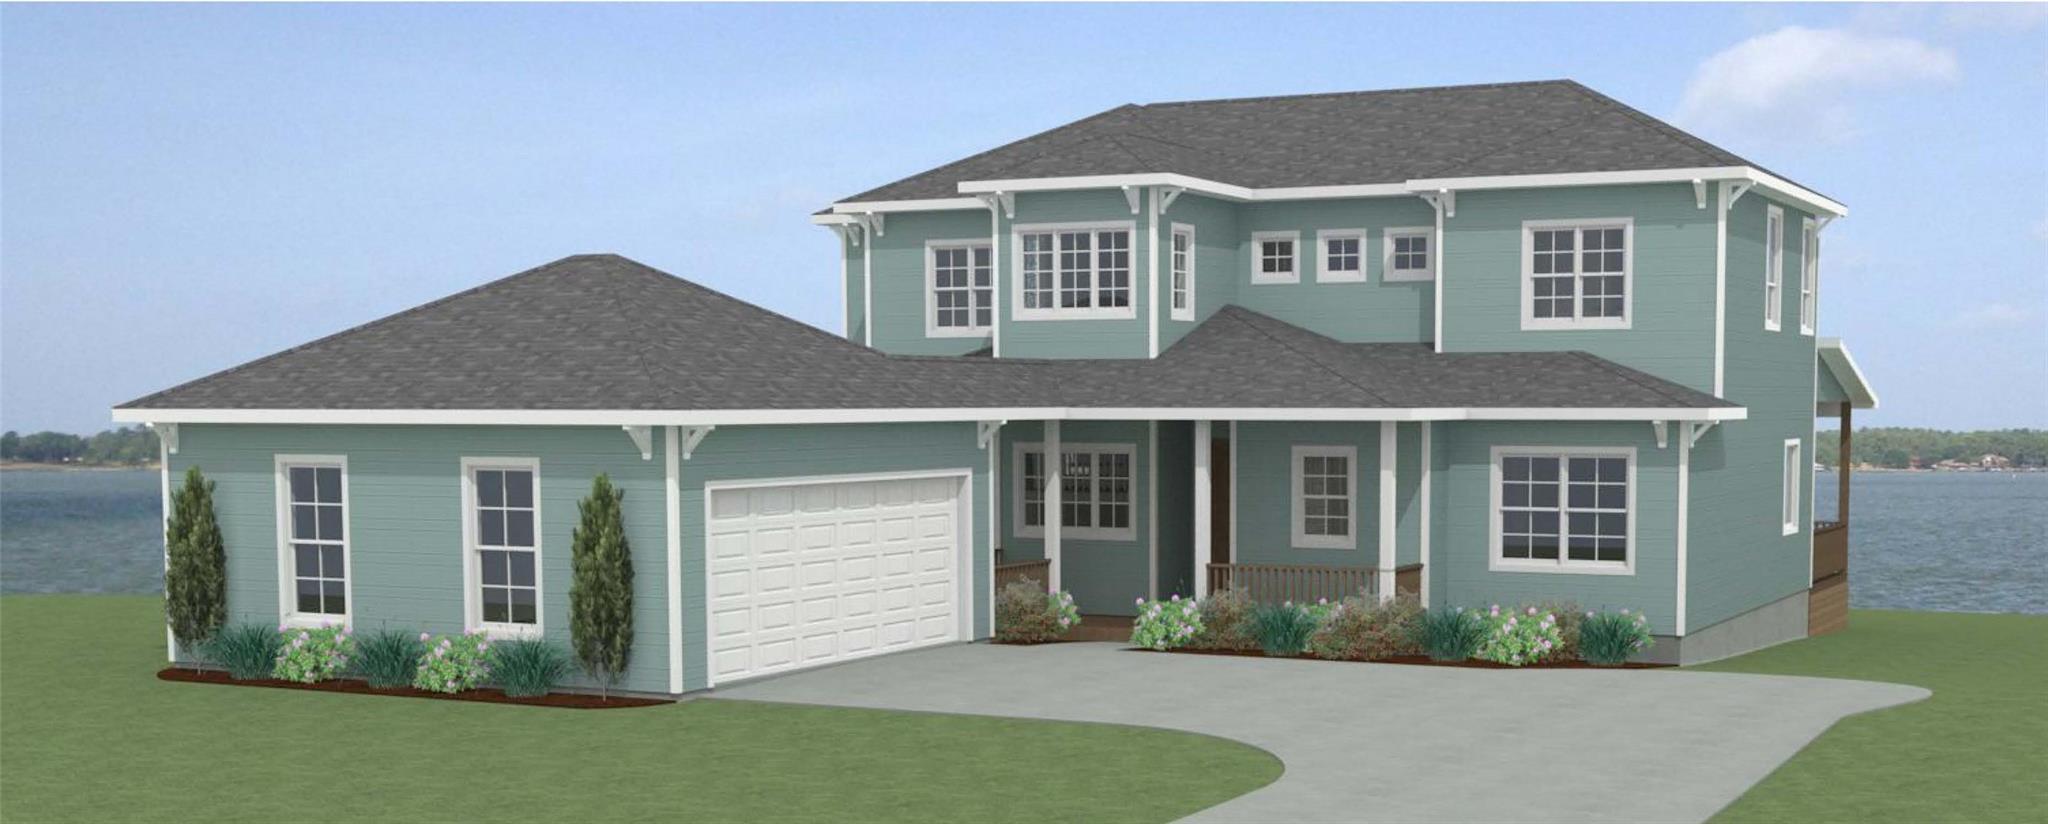 205 Peninsula Drive Property Photo 1